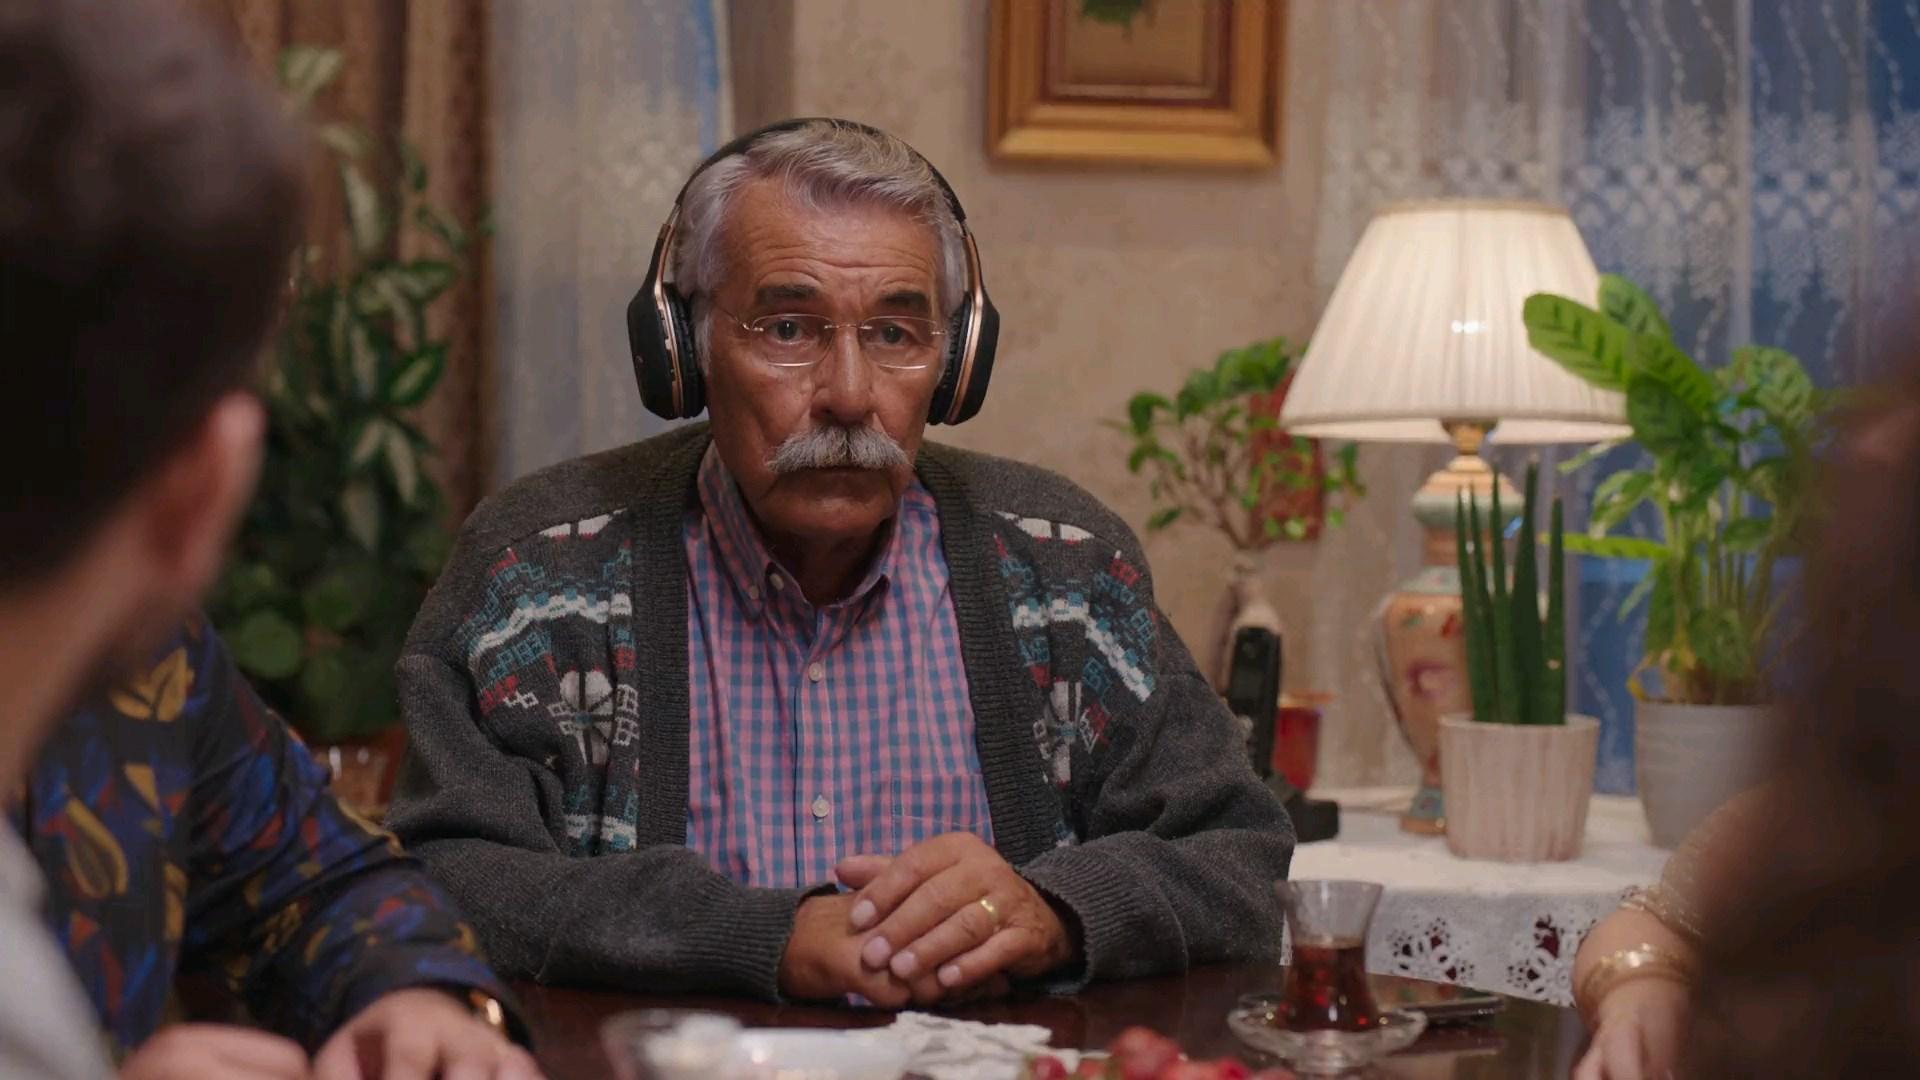 Eltilerin Savaşı | 2020 | Yerli Film | NF | WEB-DL | XviD | Sansürsüz | 720p - 1080p - m720p - m1080p | WEB-DL | Tek Link